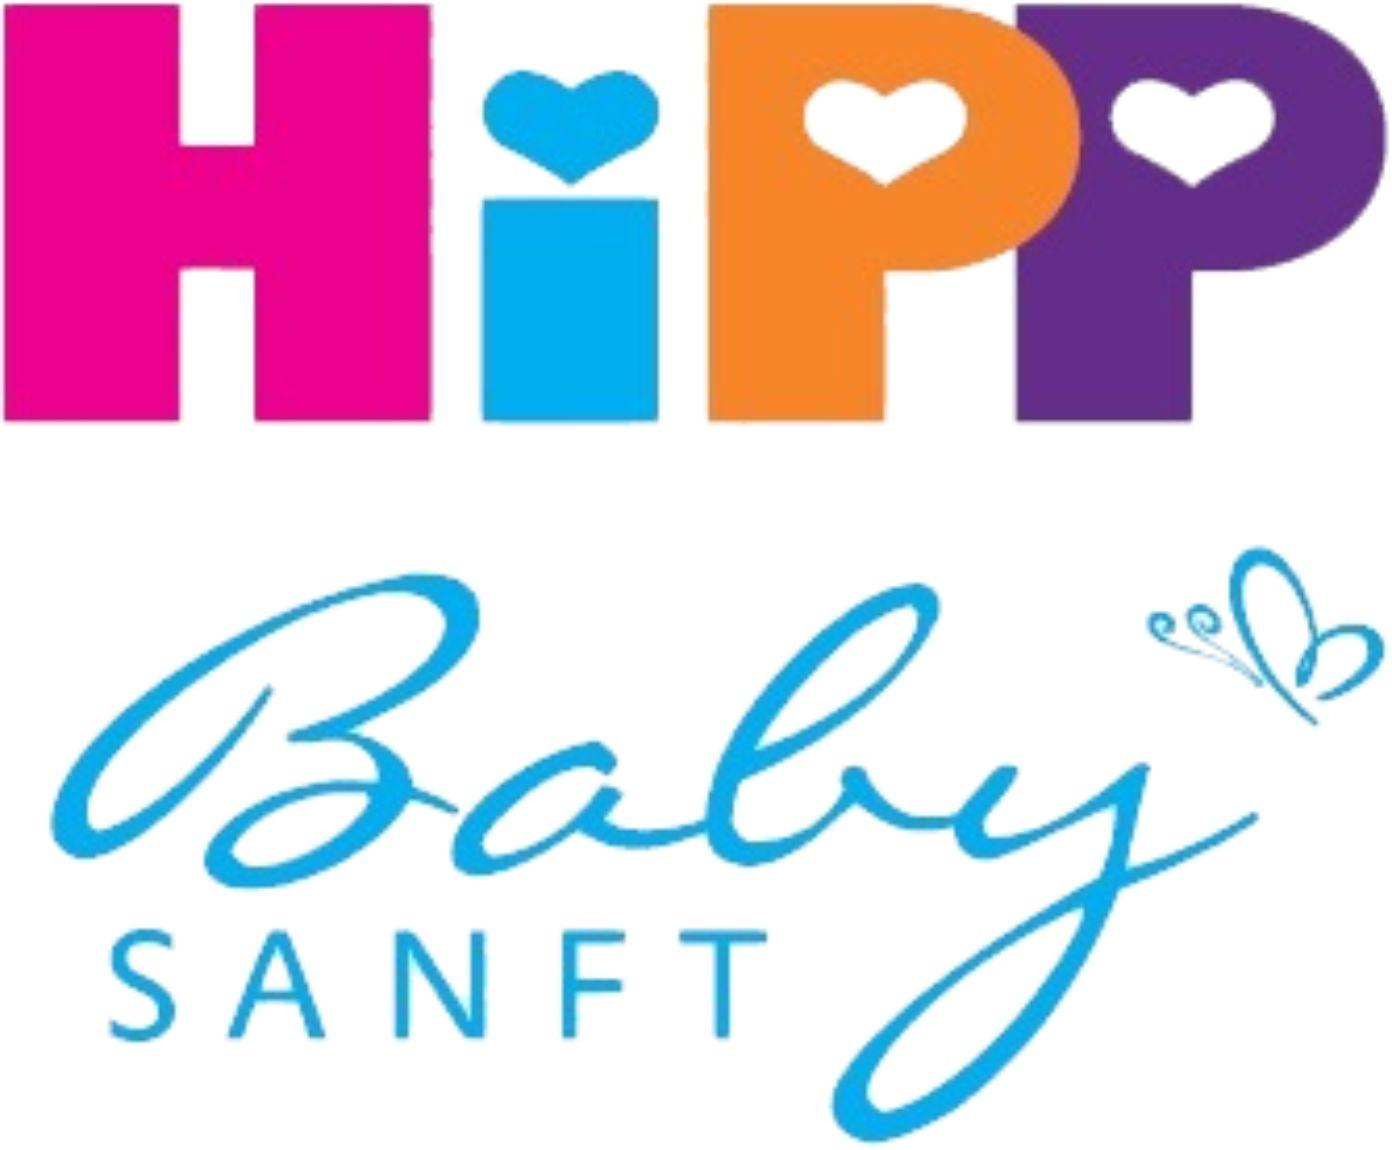 hipp_baby_sanft_logo.jpg